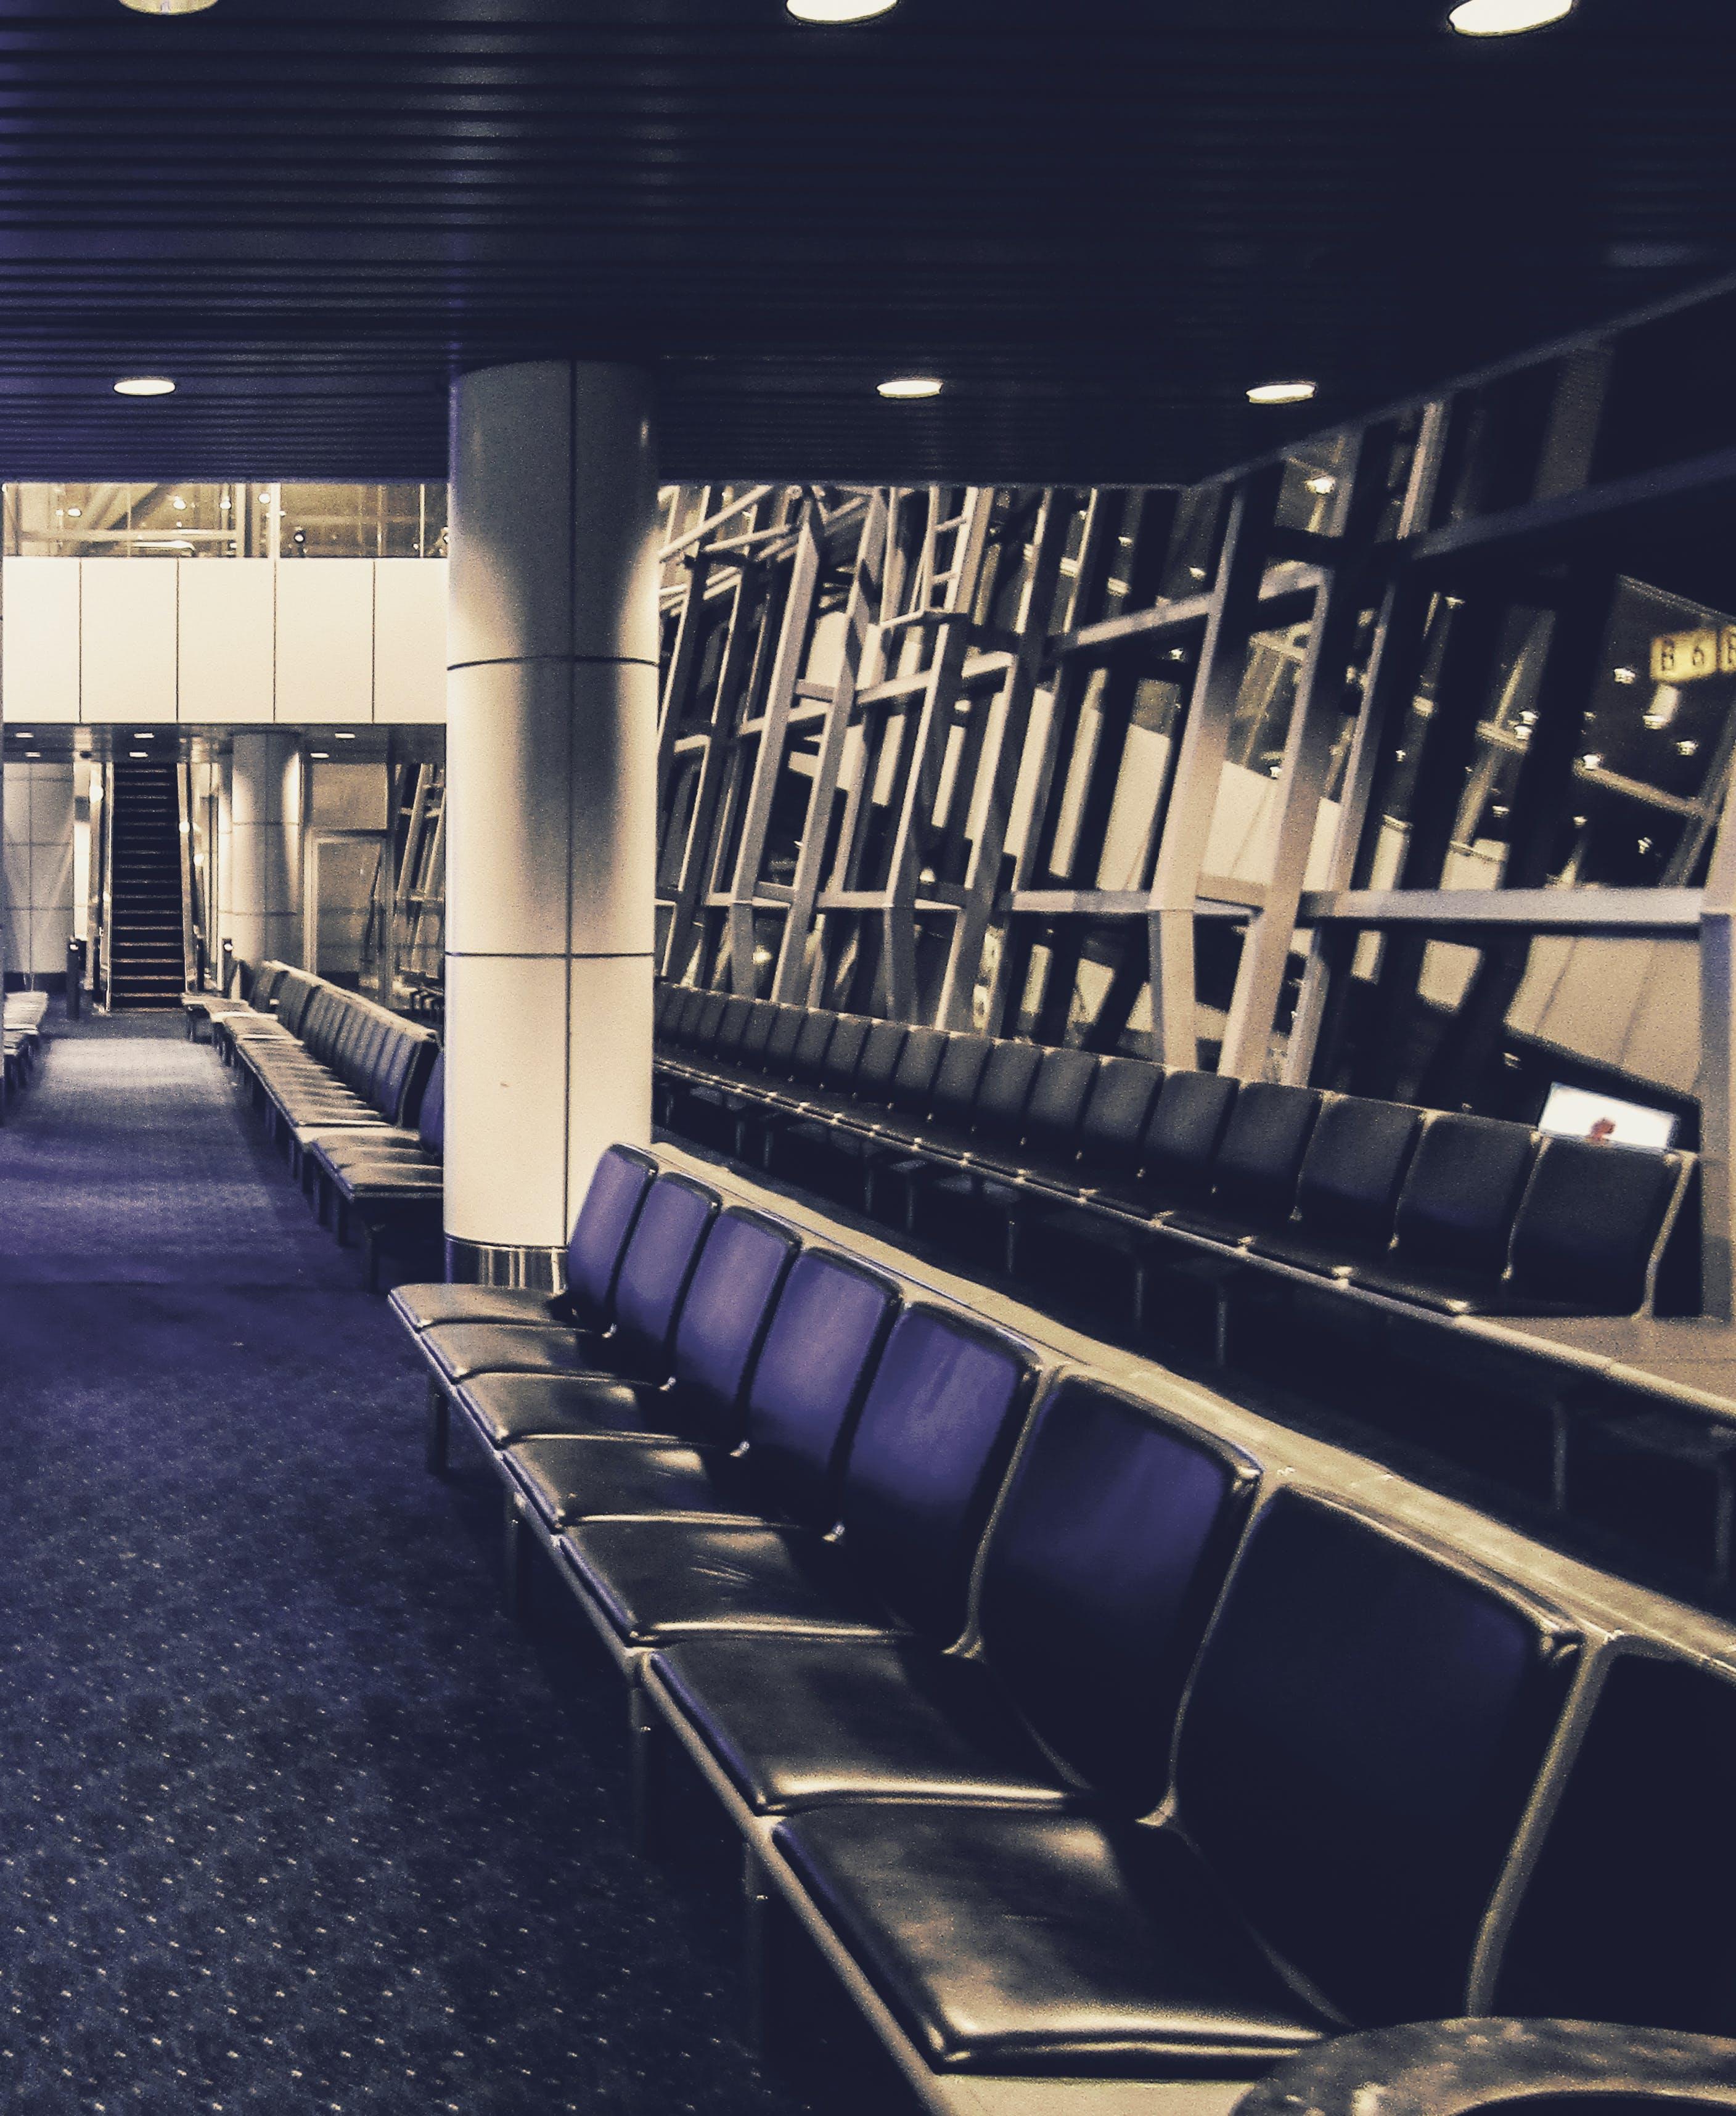 Δωρεάν στοκ φωτογραφιών με αεροδρόμιο, παγκάκια, χώρος αναμονής